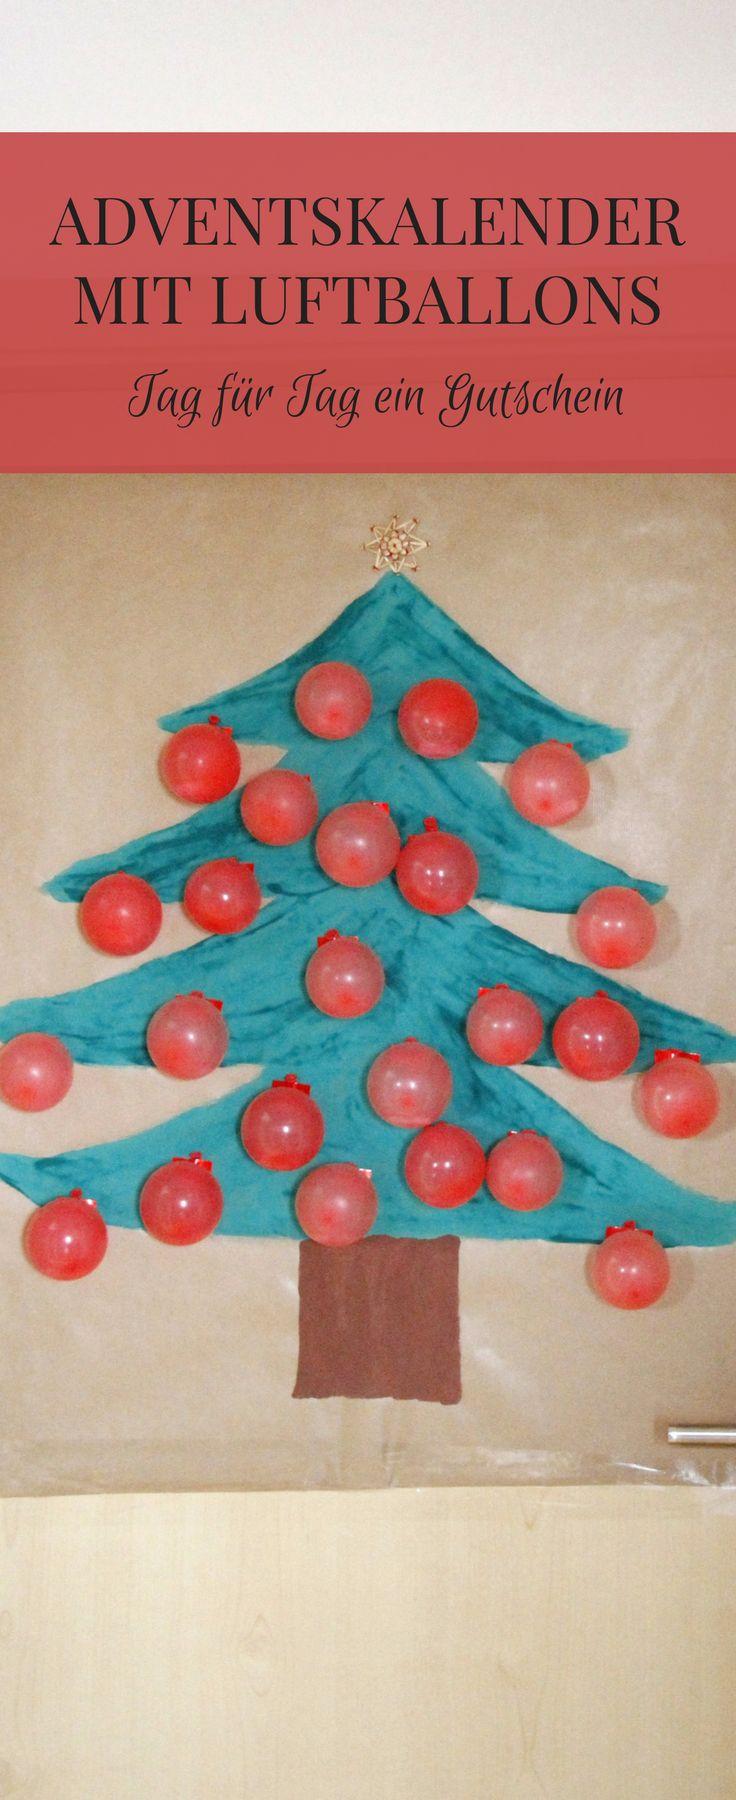 Adventskalender basteln: Schnell gemacht ist dieser Gutschein Adventskalender mit Luftballons. Zum Adventskalender selber machen benötigt man lediglich Abtönfarbe, Packpapier und Wasserbomben. Natürlich kann man zum Adventskalendertürchen befüllen auch Süßigkeiten oder kleine Geschenke verwenden. Die Adventskalender Idee eignet sich nicht nur für Kinder, auch bei Erwachsenen kommt ein selbstgebastelter Adventskalender gut an.